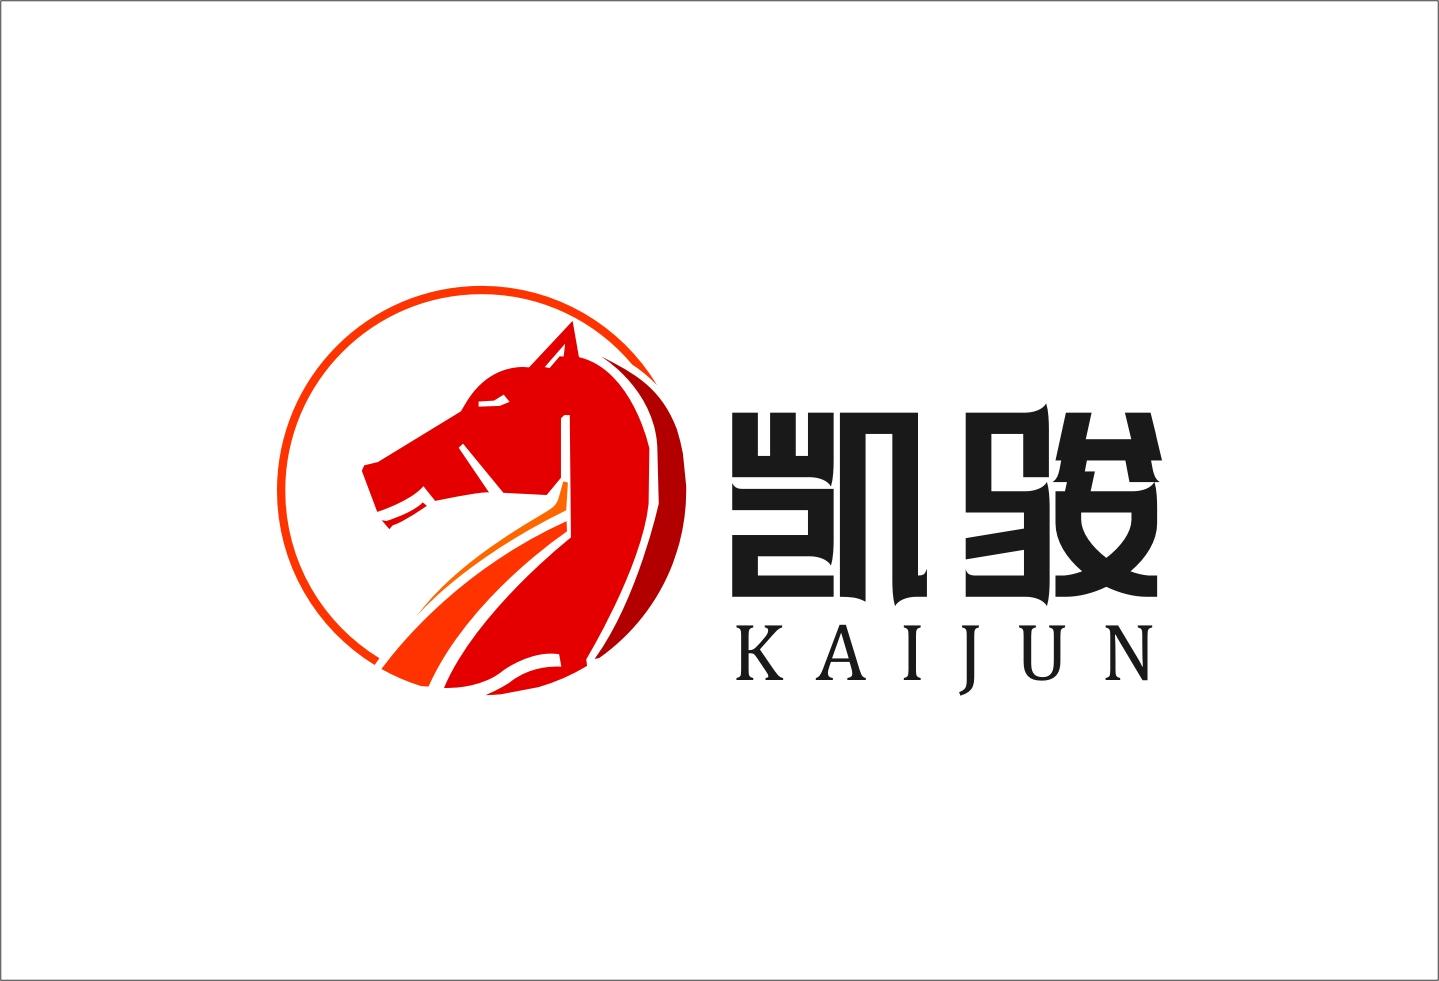 凯骏环保科技有限公司logo设计